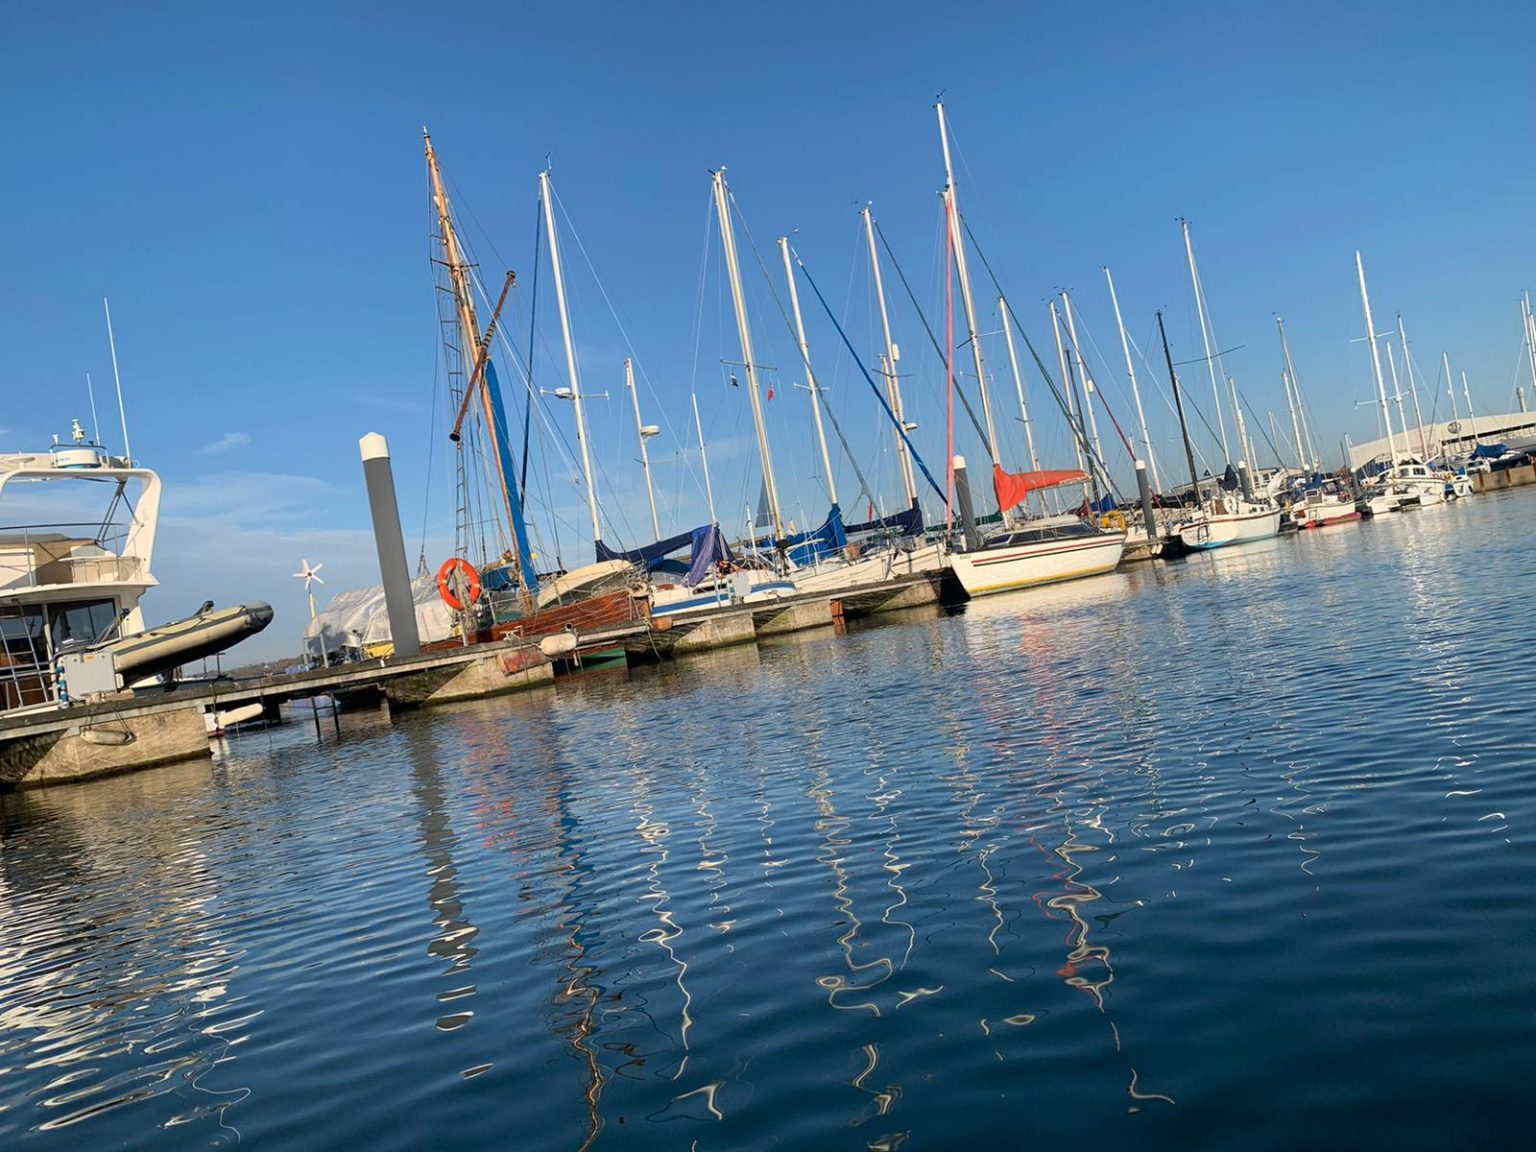 ocg-quayside-marina